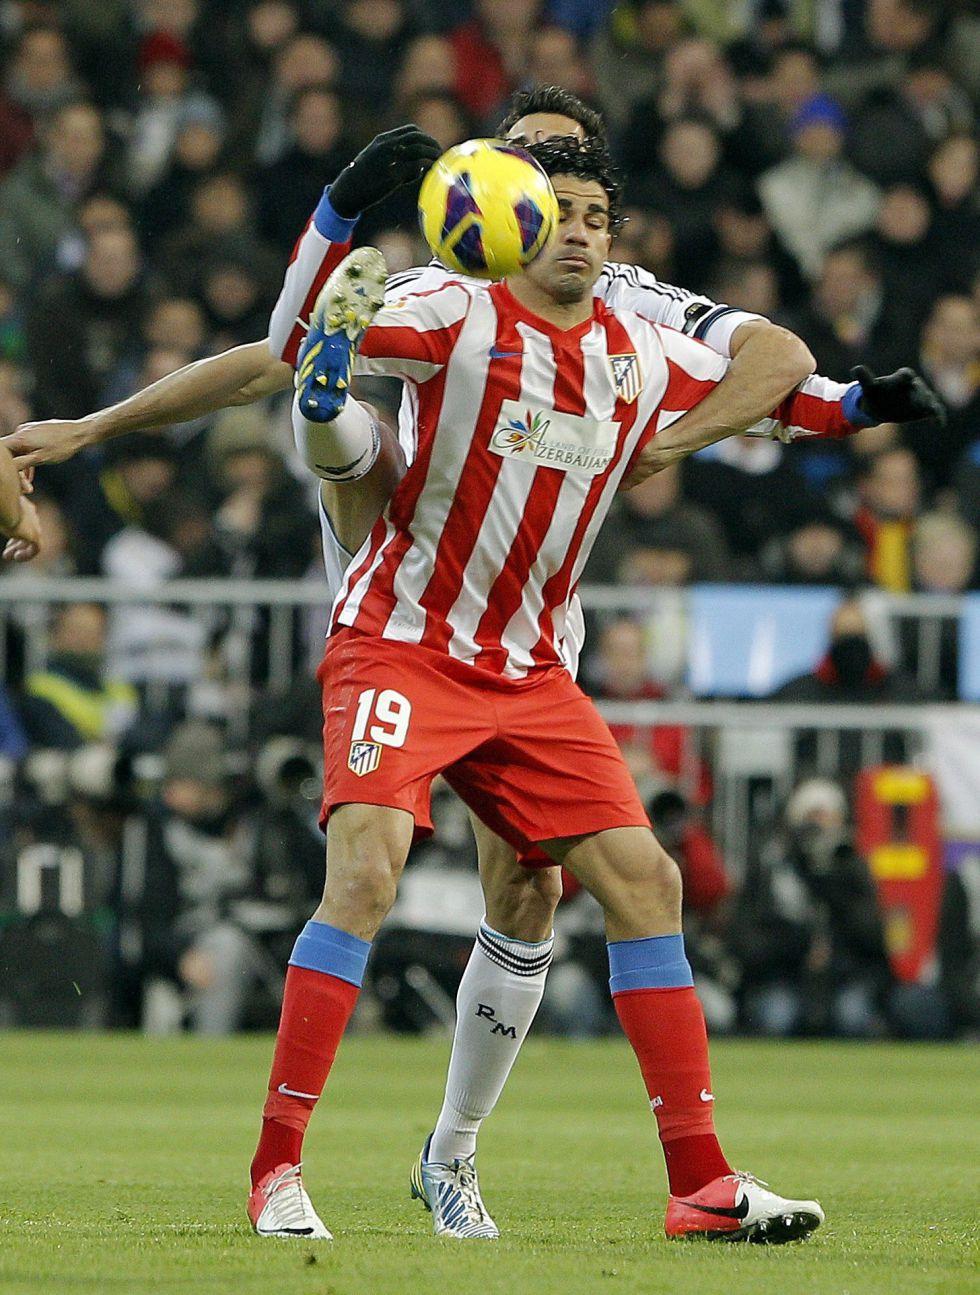 Ramos escupió a Diego Costa antes de la respuesta del atlético